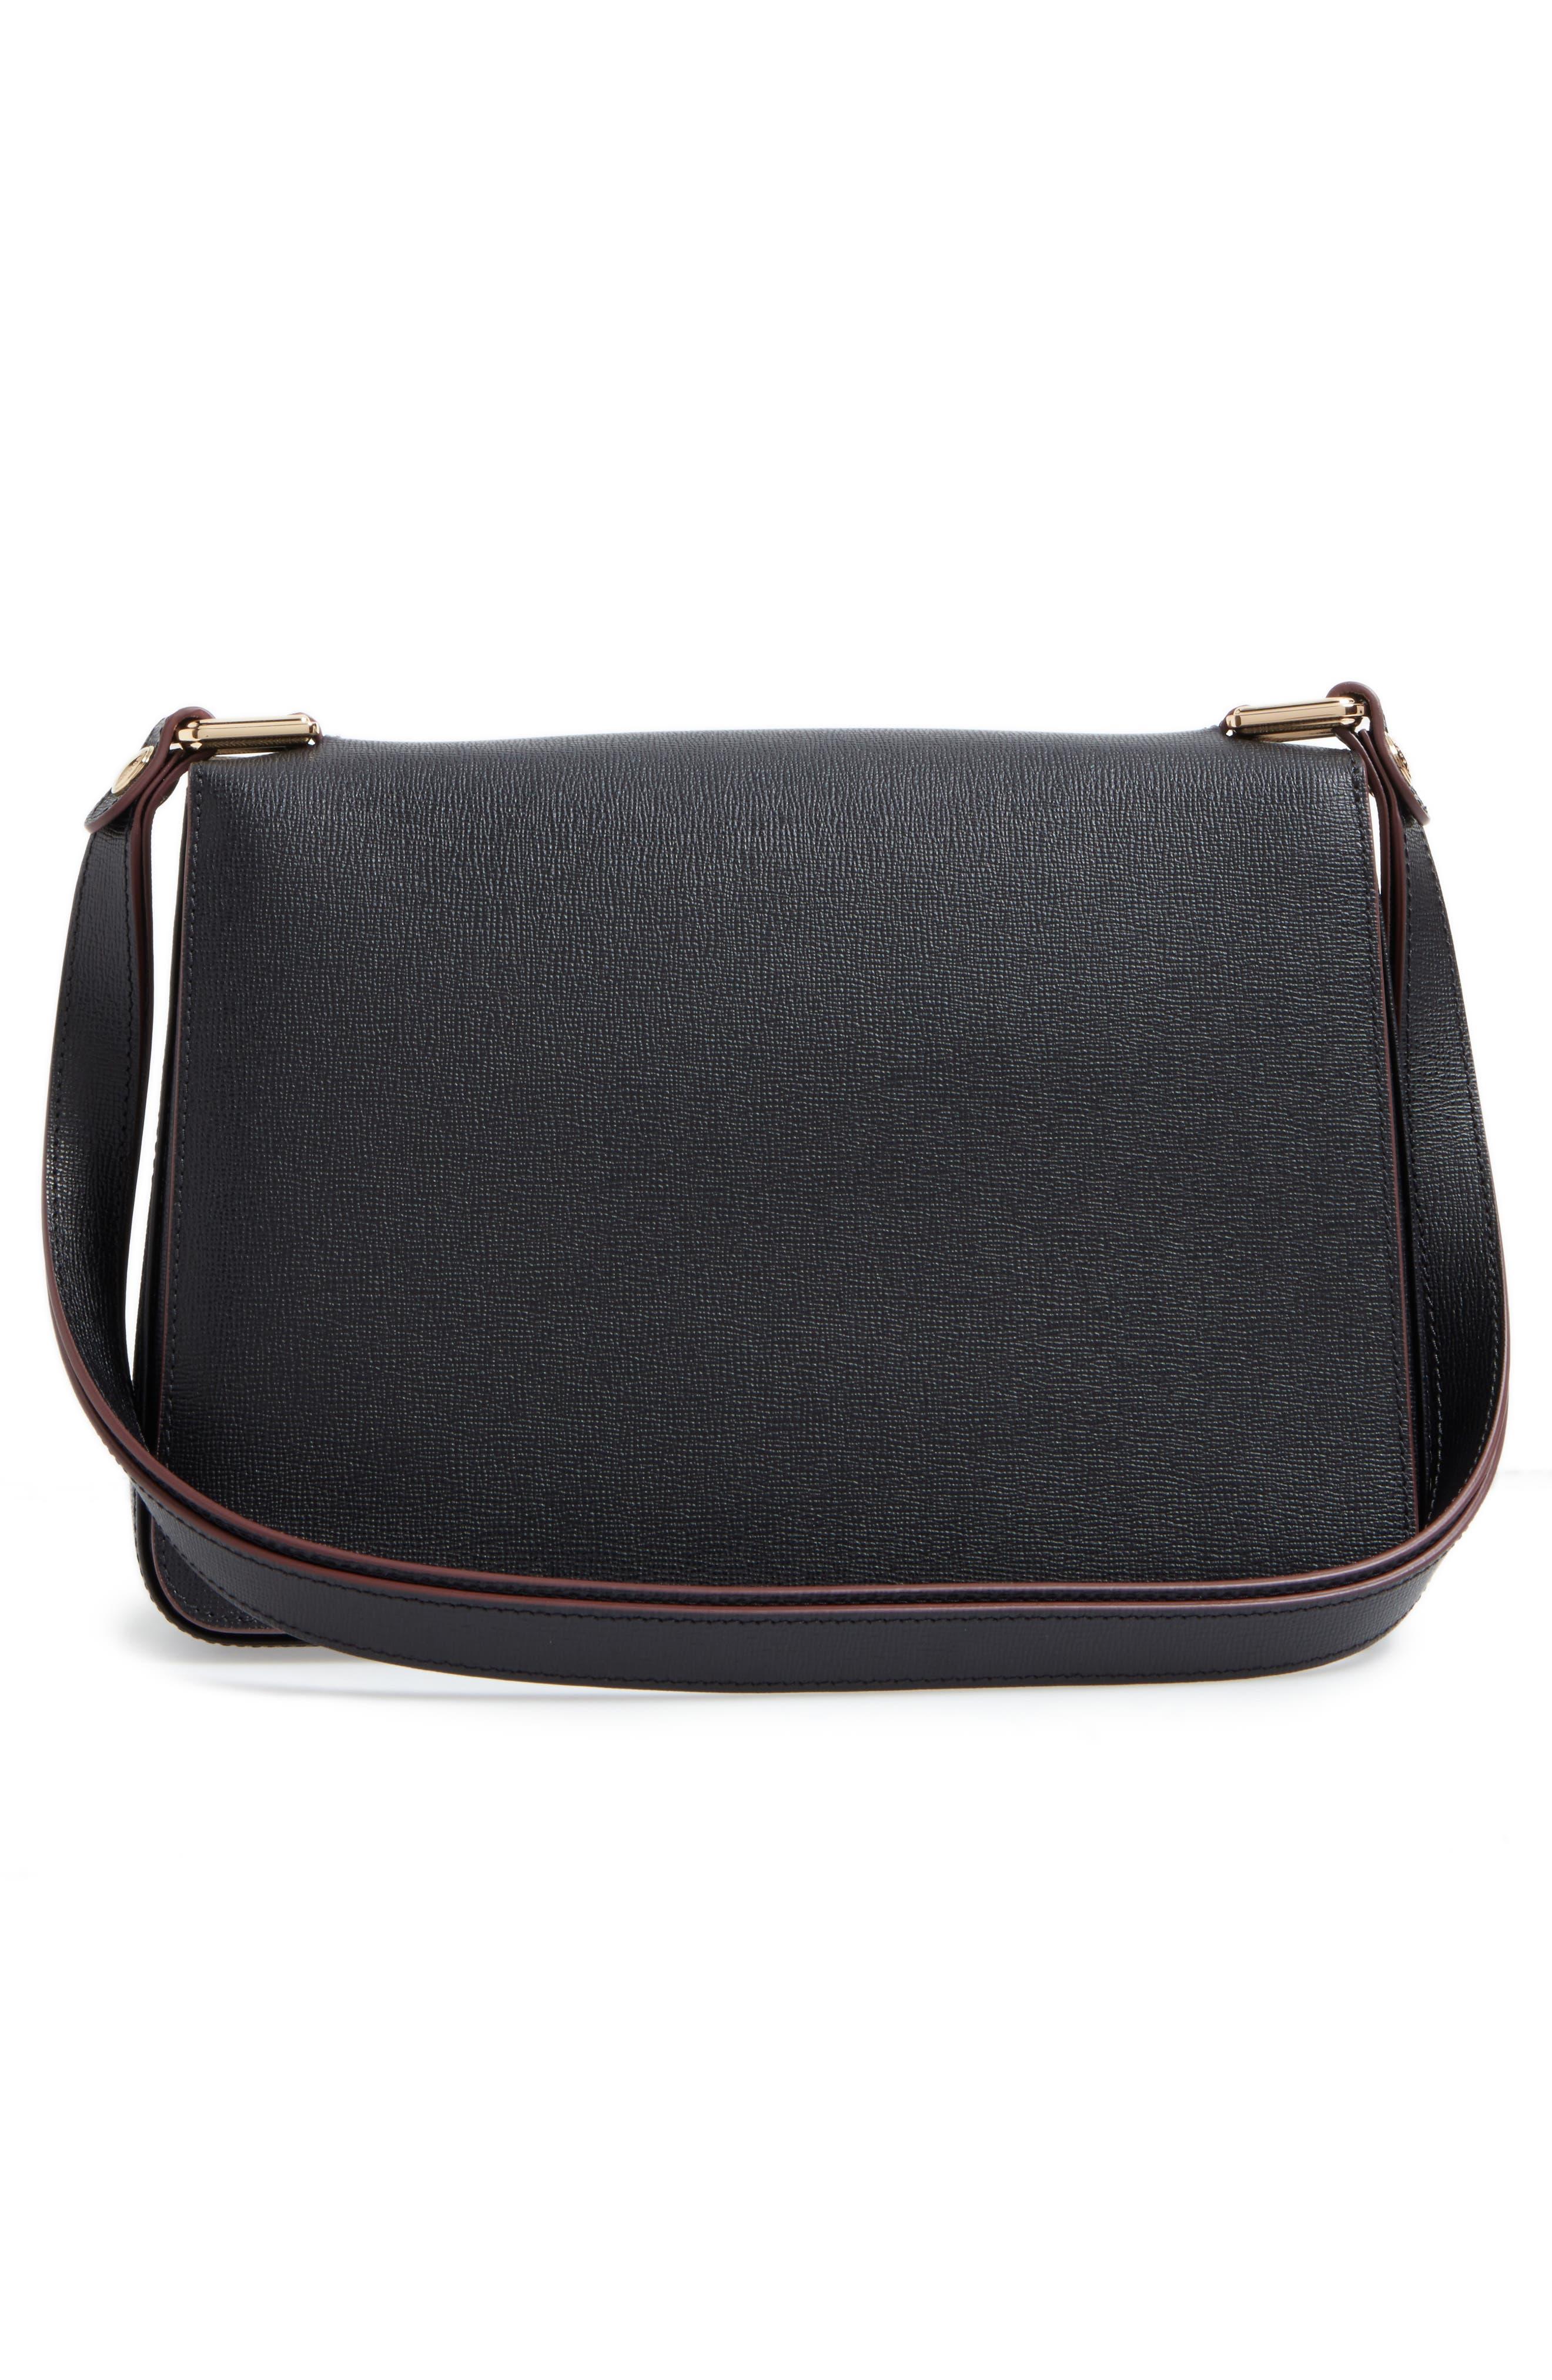 Pliage Heritage Leather Shoulder Bag,                             Alternate thumbnail 4, color,                             BLACK